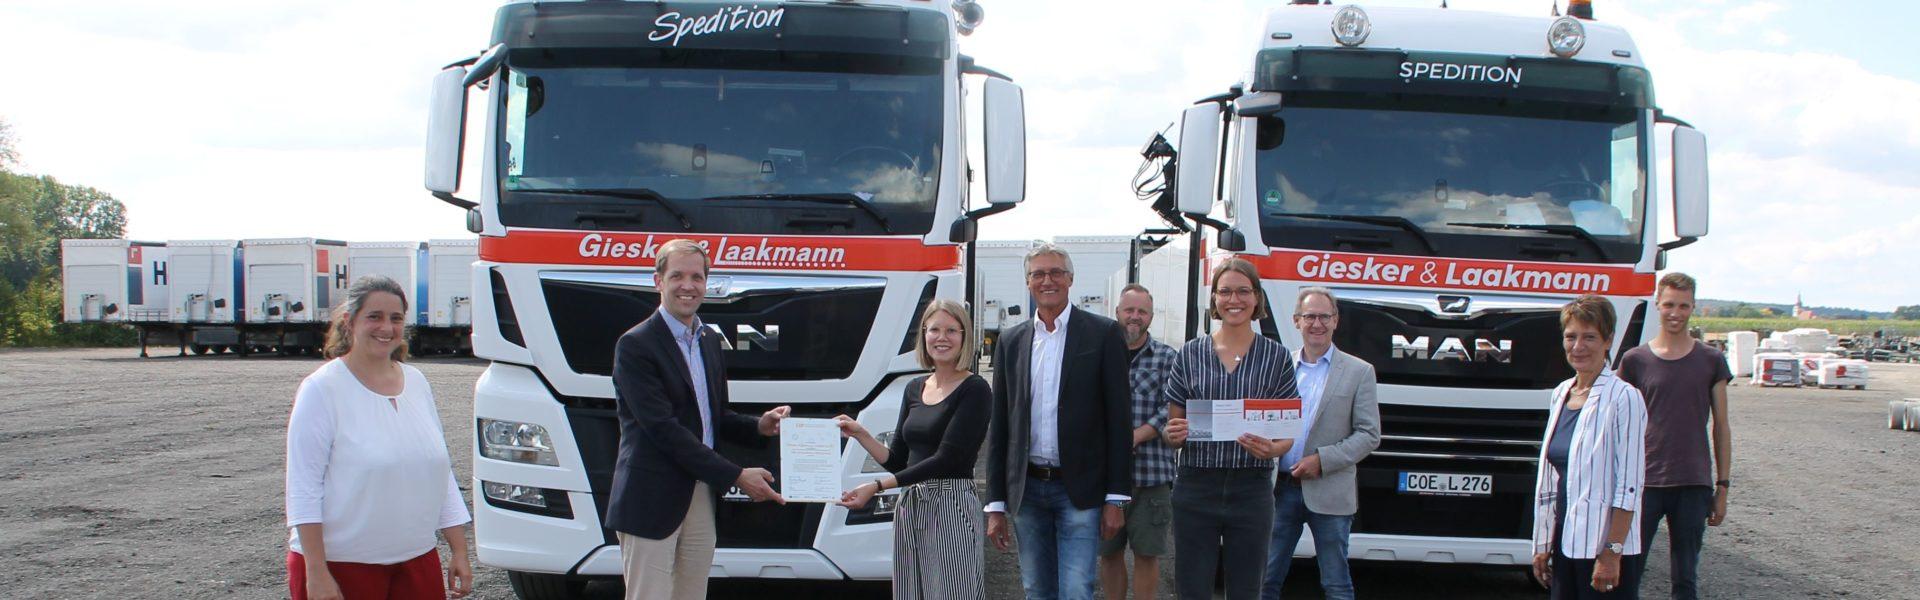 Giesker & Laakmann aus Nottuln als CSR-Unternehmen ausgezeichnet